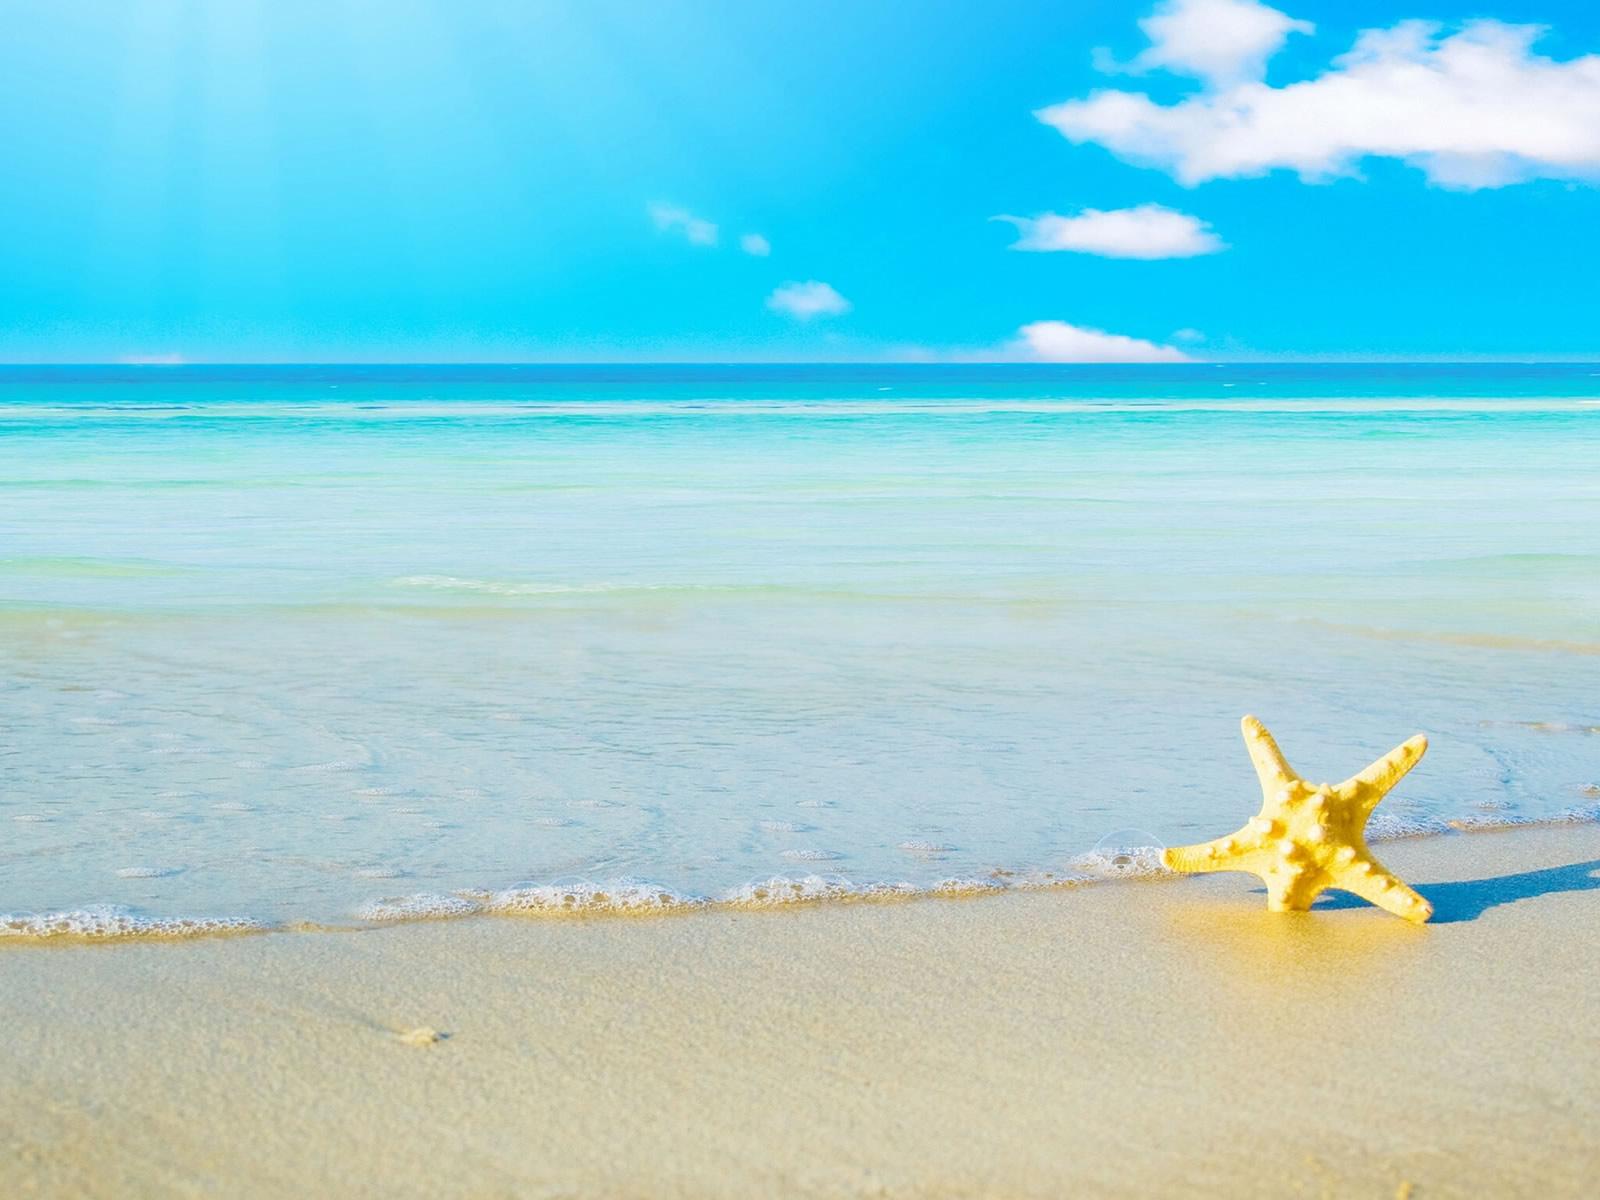 http://2.bp.blogspot.com/-jpOt7_DVOu4/TZUMsVwVEDI/AAAAAAAAAFw/FSeQEFACRAM/s1600/lemadesu.blogspot.com--The-best-top-desktop-beach-wallpapers-hd-beach-wallpaper-7.jpg